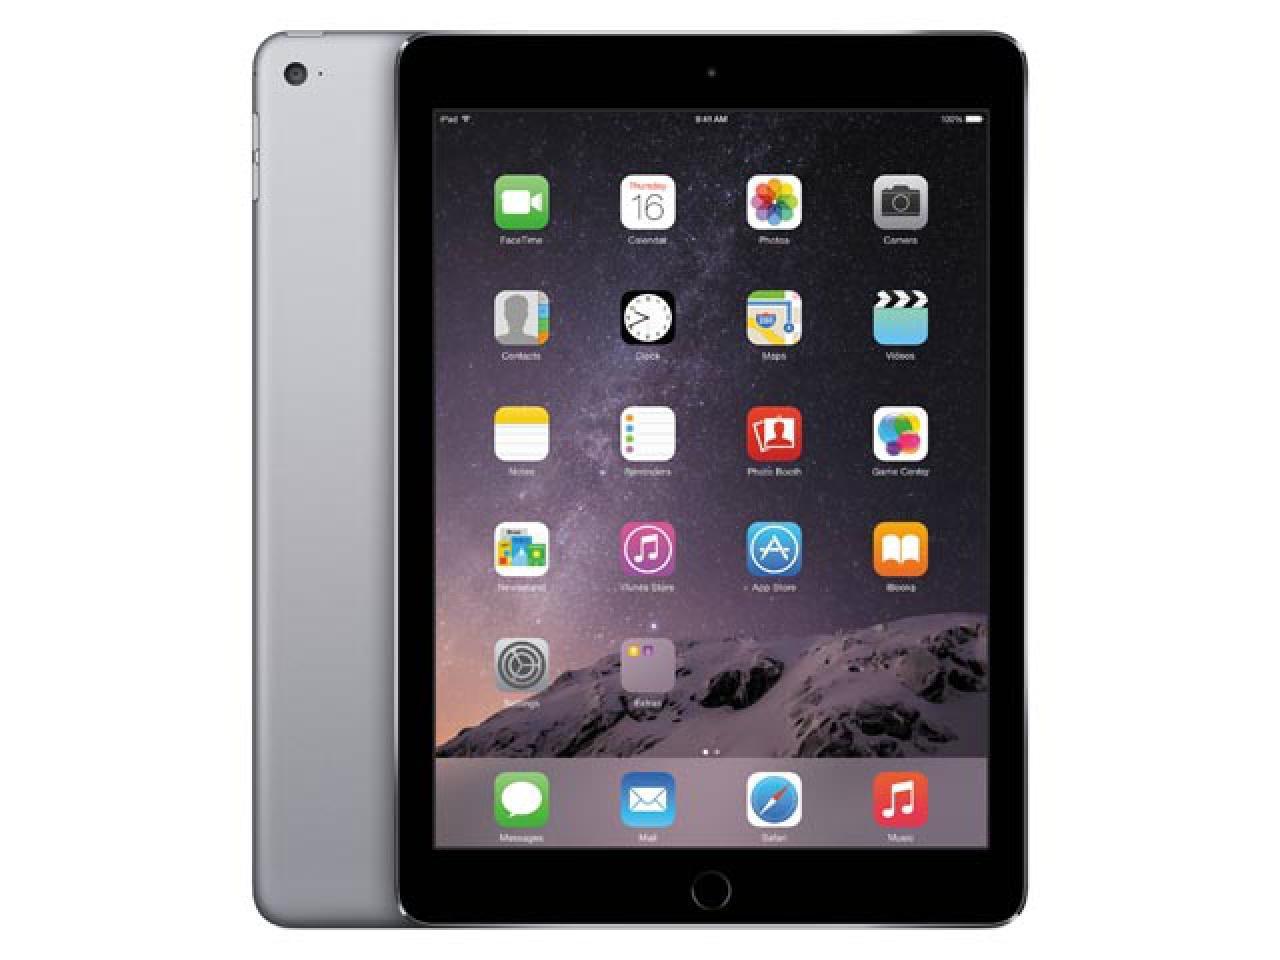 Apple iPad Air 2 A1566 Spacegrau  - shop.bb-net.de